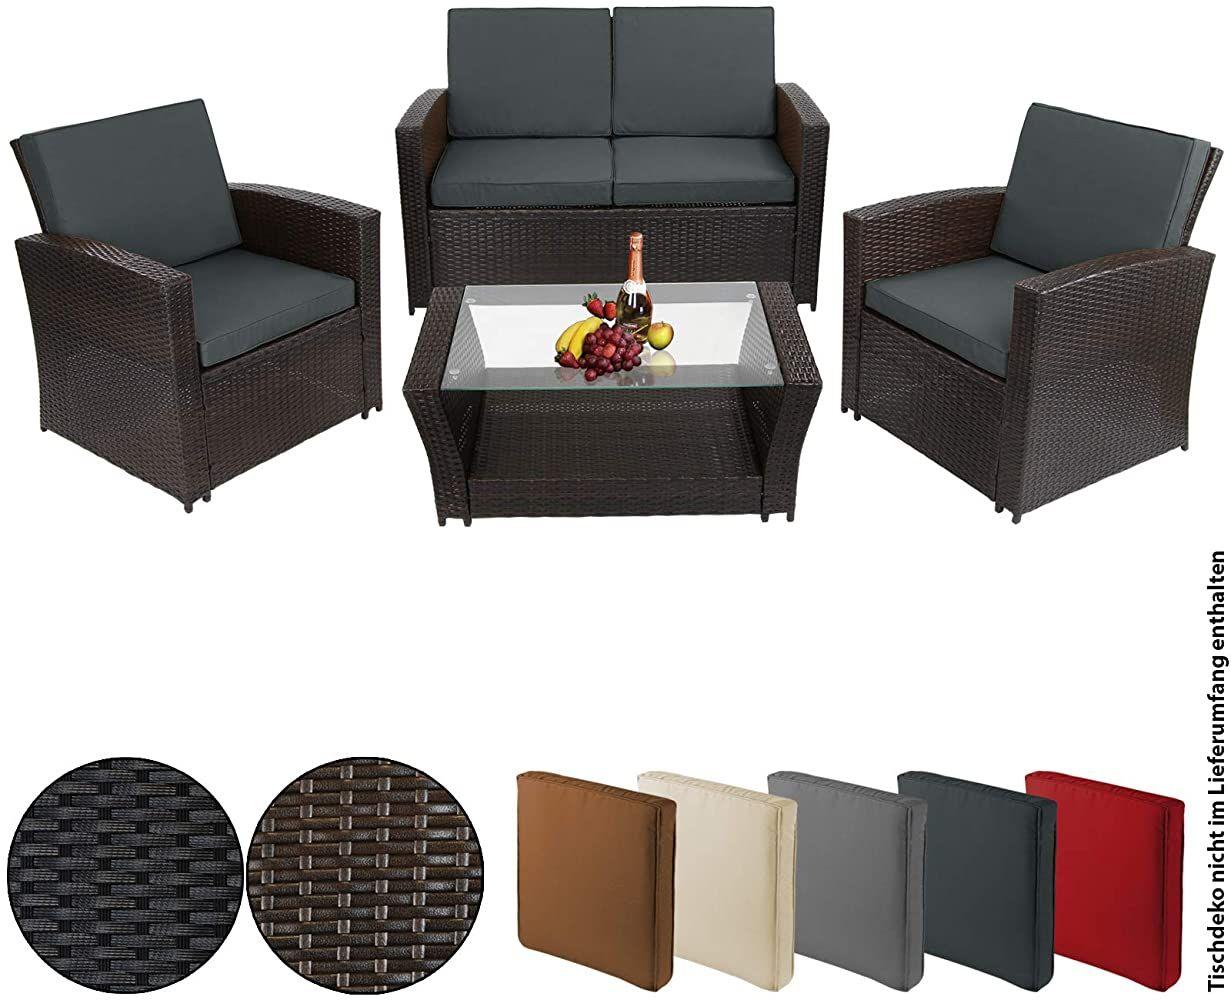 Bb Sport 12 Teilige Polyrattan Sitzgruppe Fur 4 Personen Inkl Sitzpolster Und Bezuge Farbe Schwarz Braun M Outdoor Furniture Sets Home Decor Outdoor Furniture